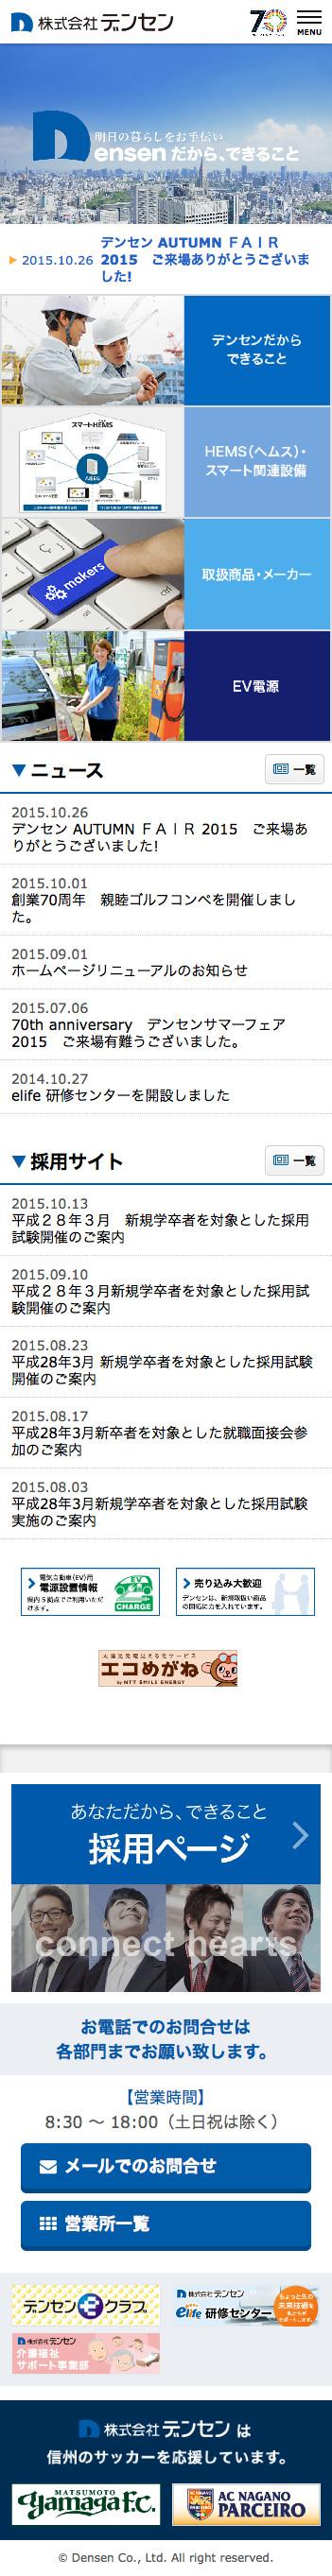 電設資材の総合商社 株式会社デンセン-www.densen.co.jp(1)